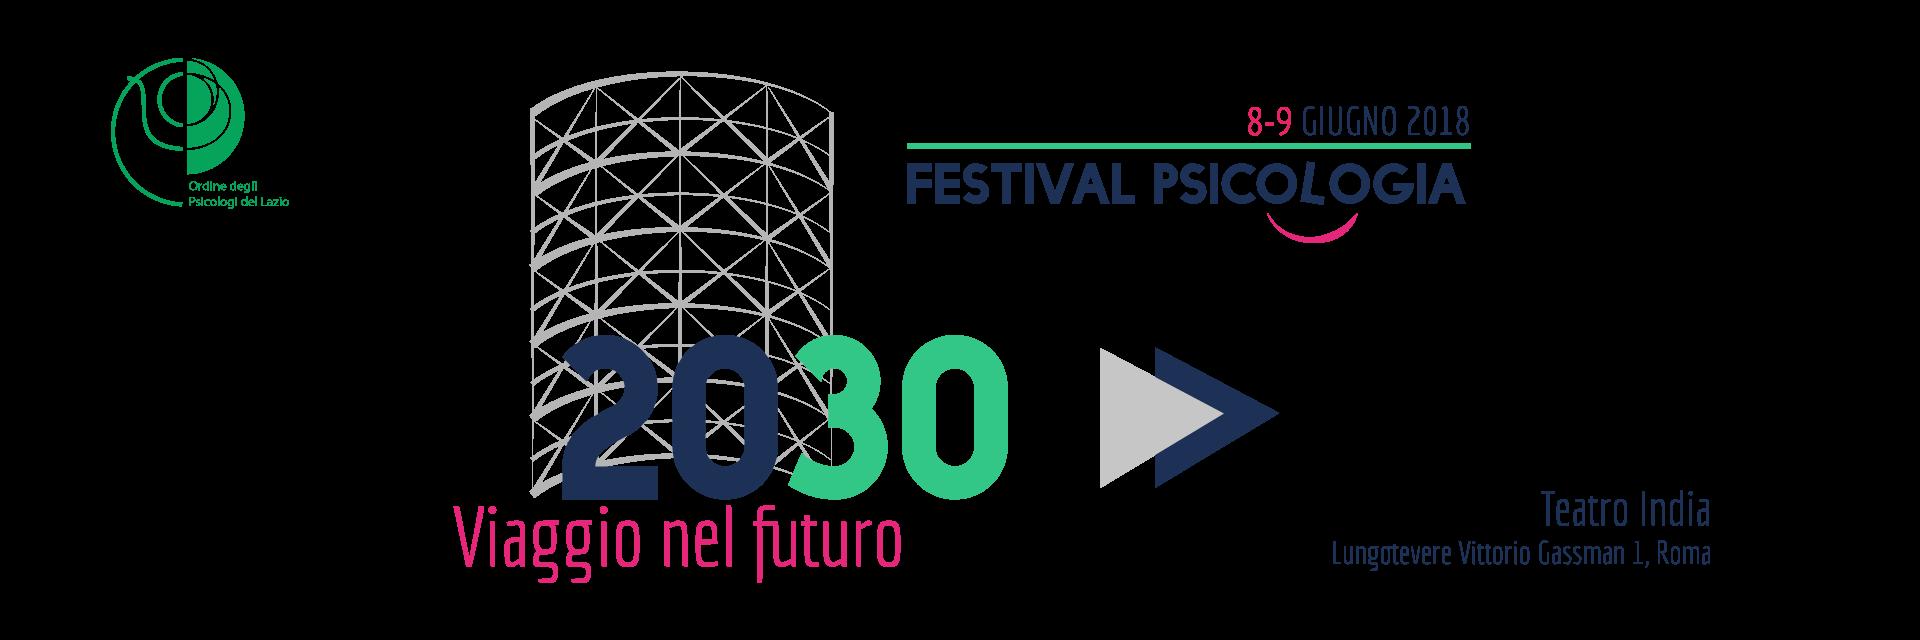 festival della psicologia 2018